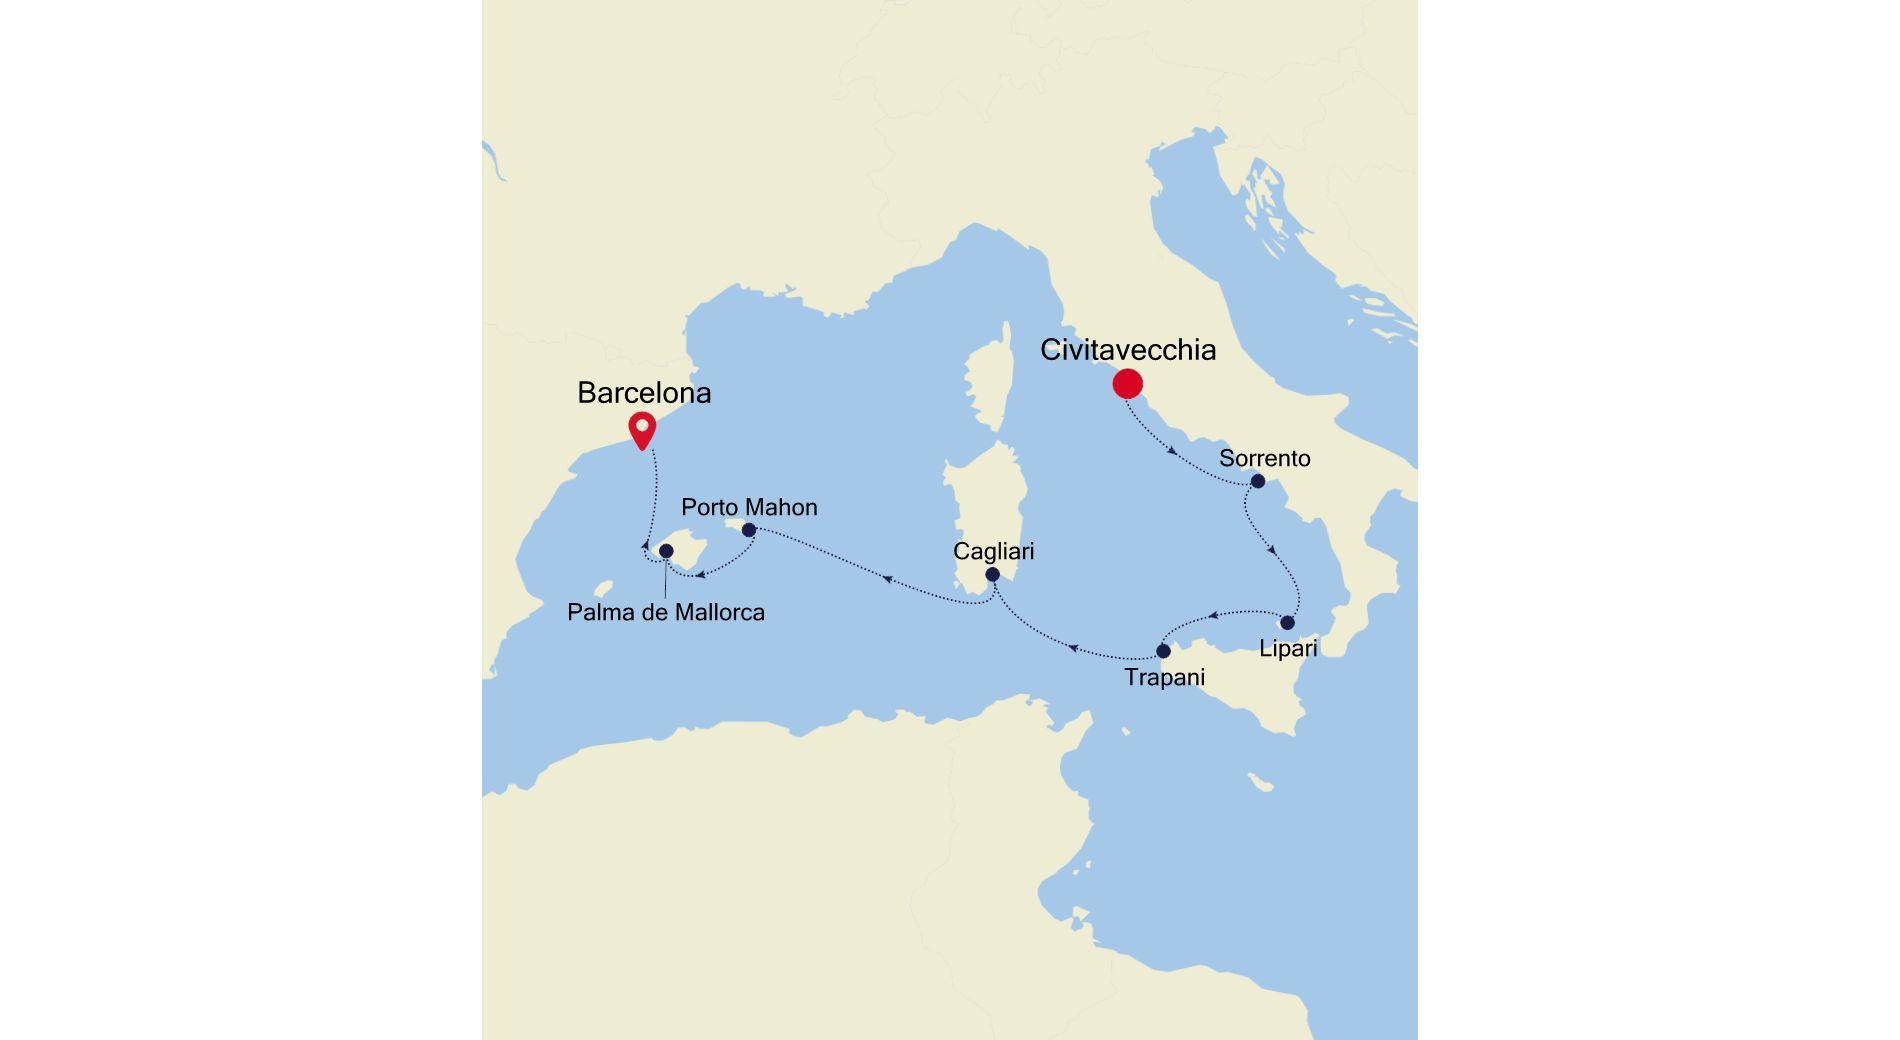 SL200611007 - Civitavecchia nach Barcelona